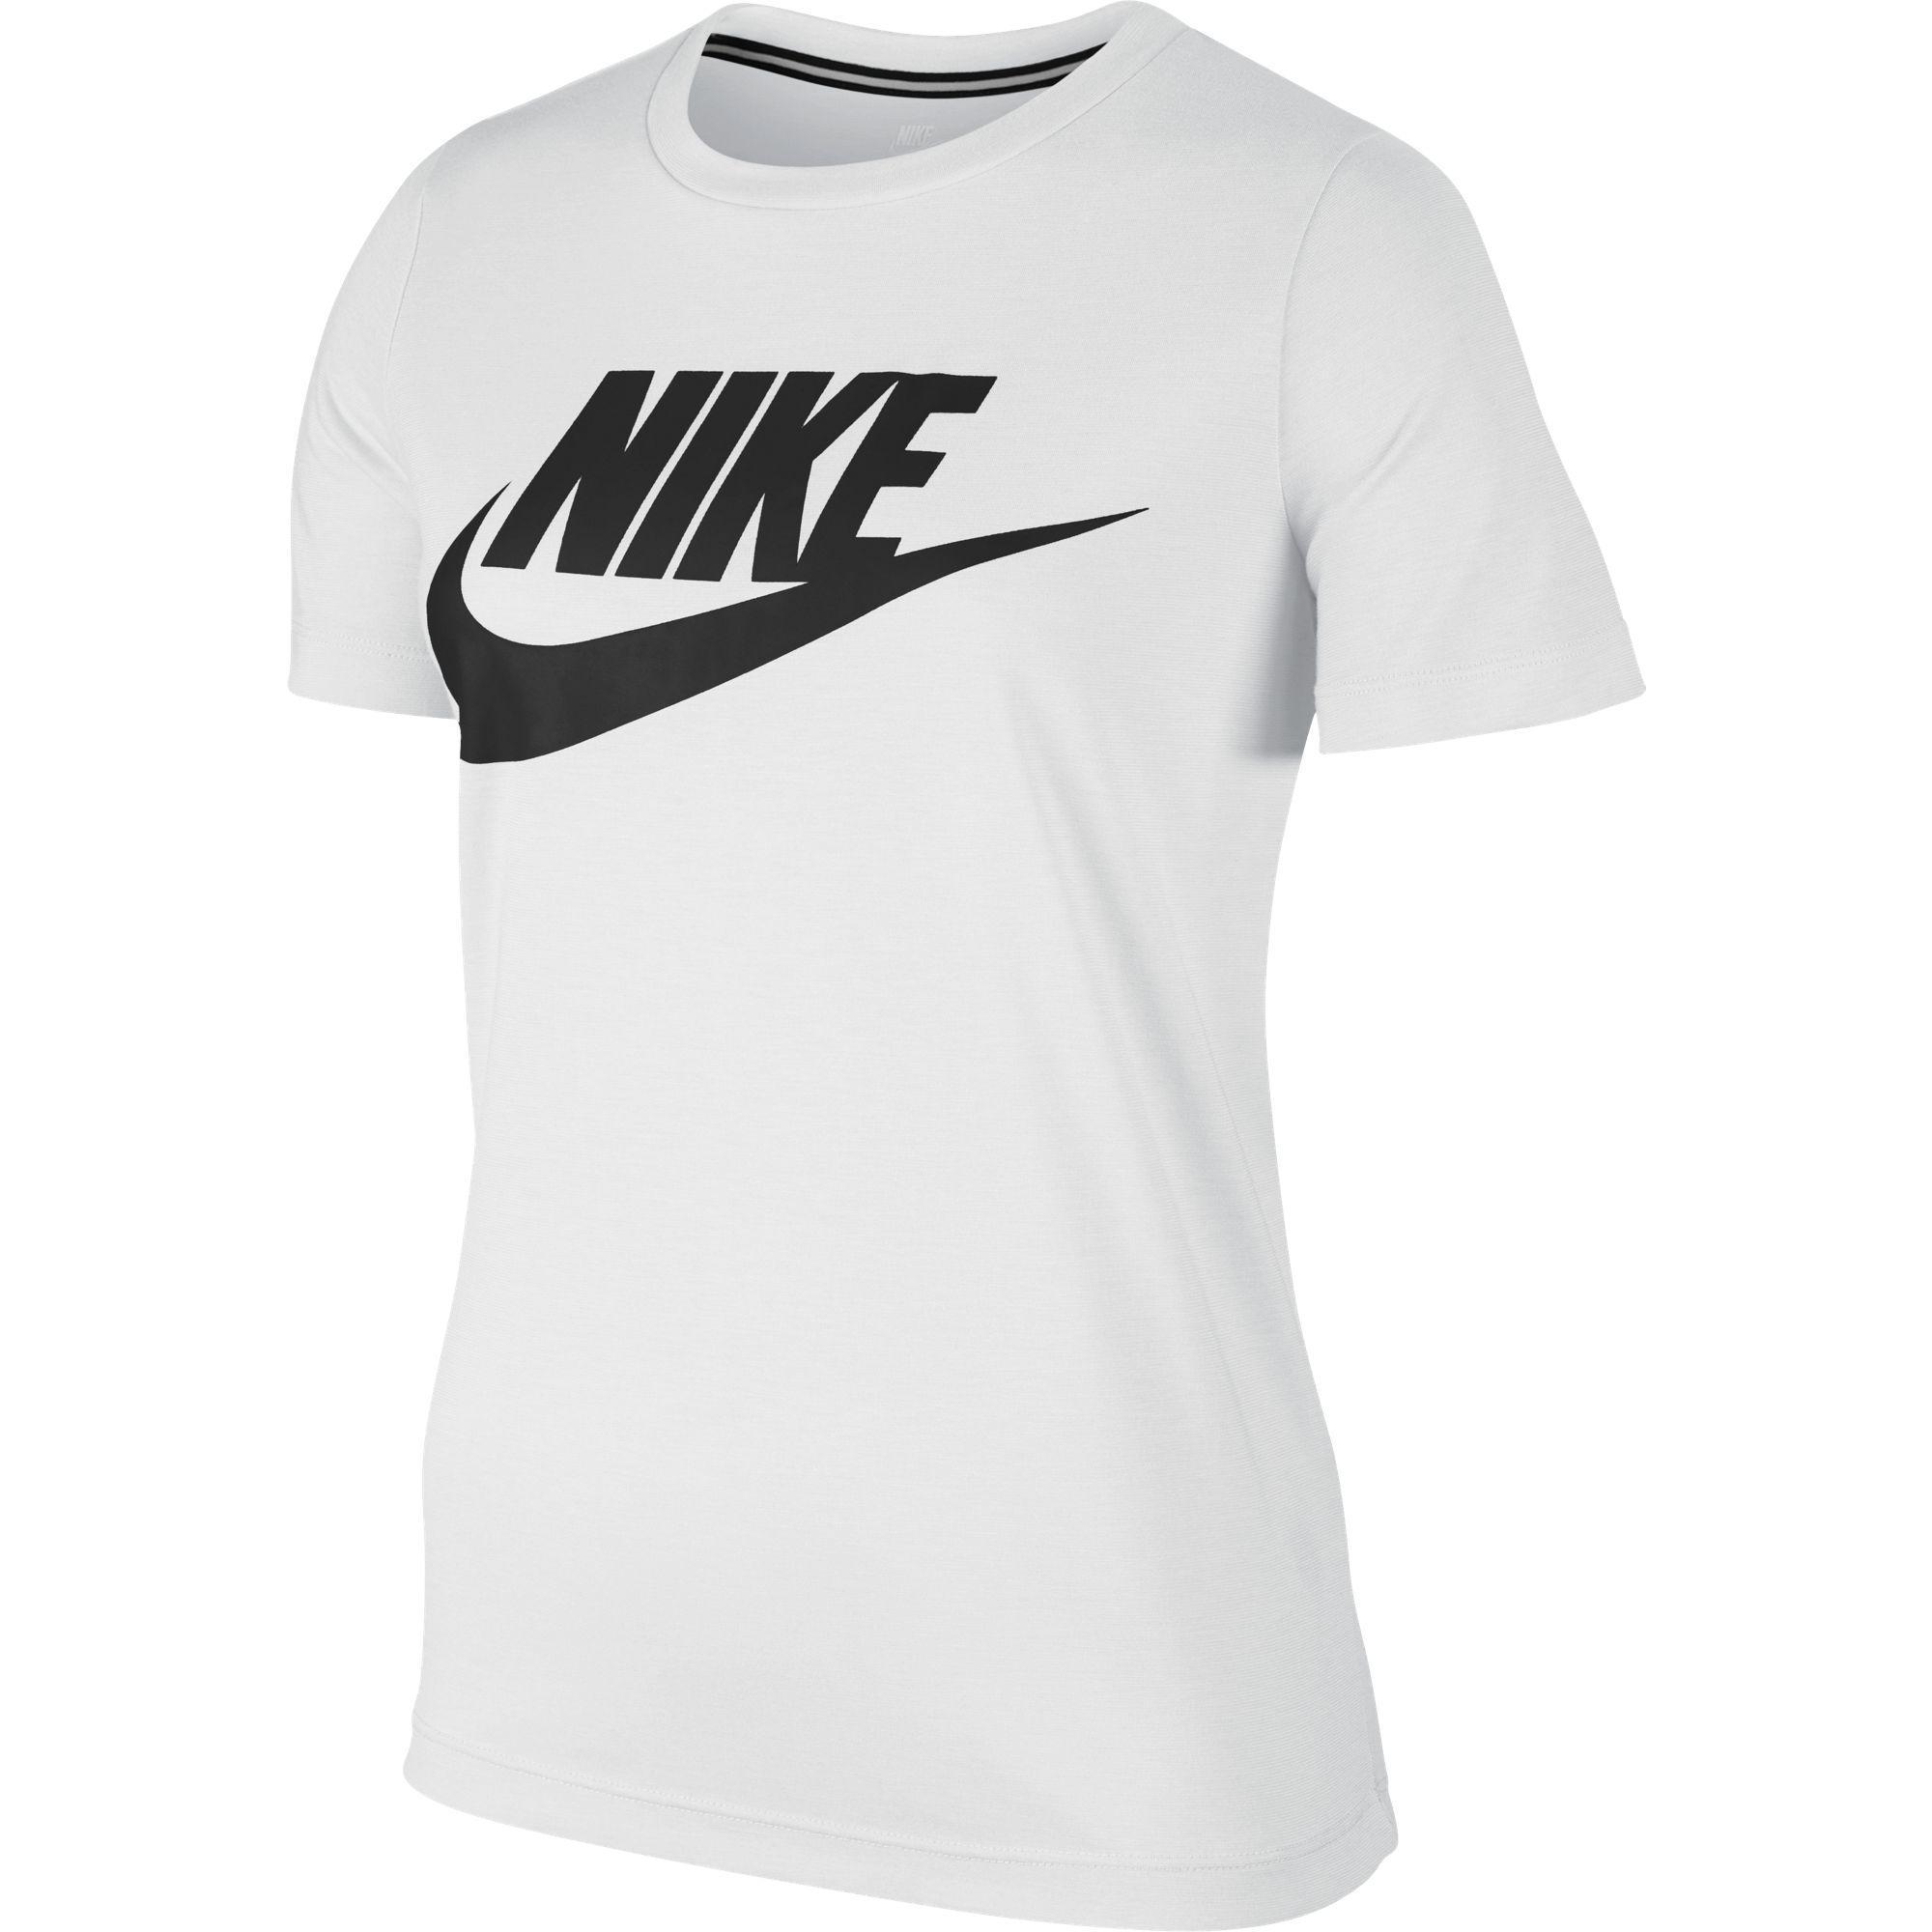 Compra camisetas de nike online al por mayor de China